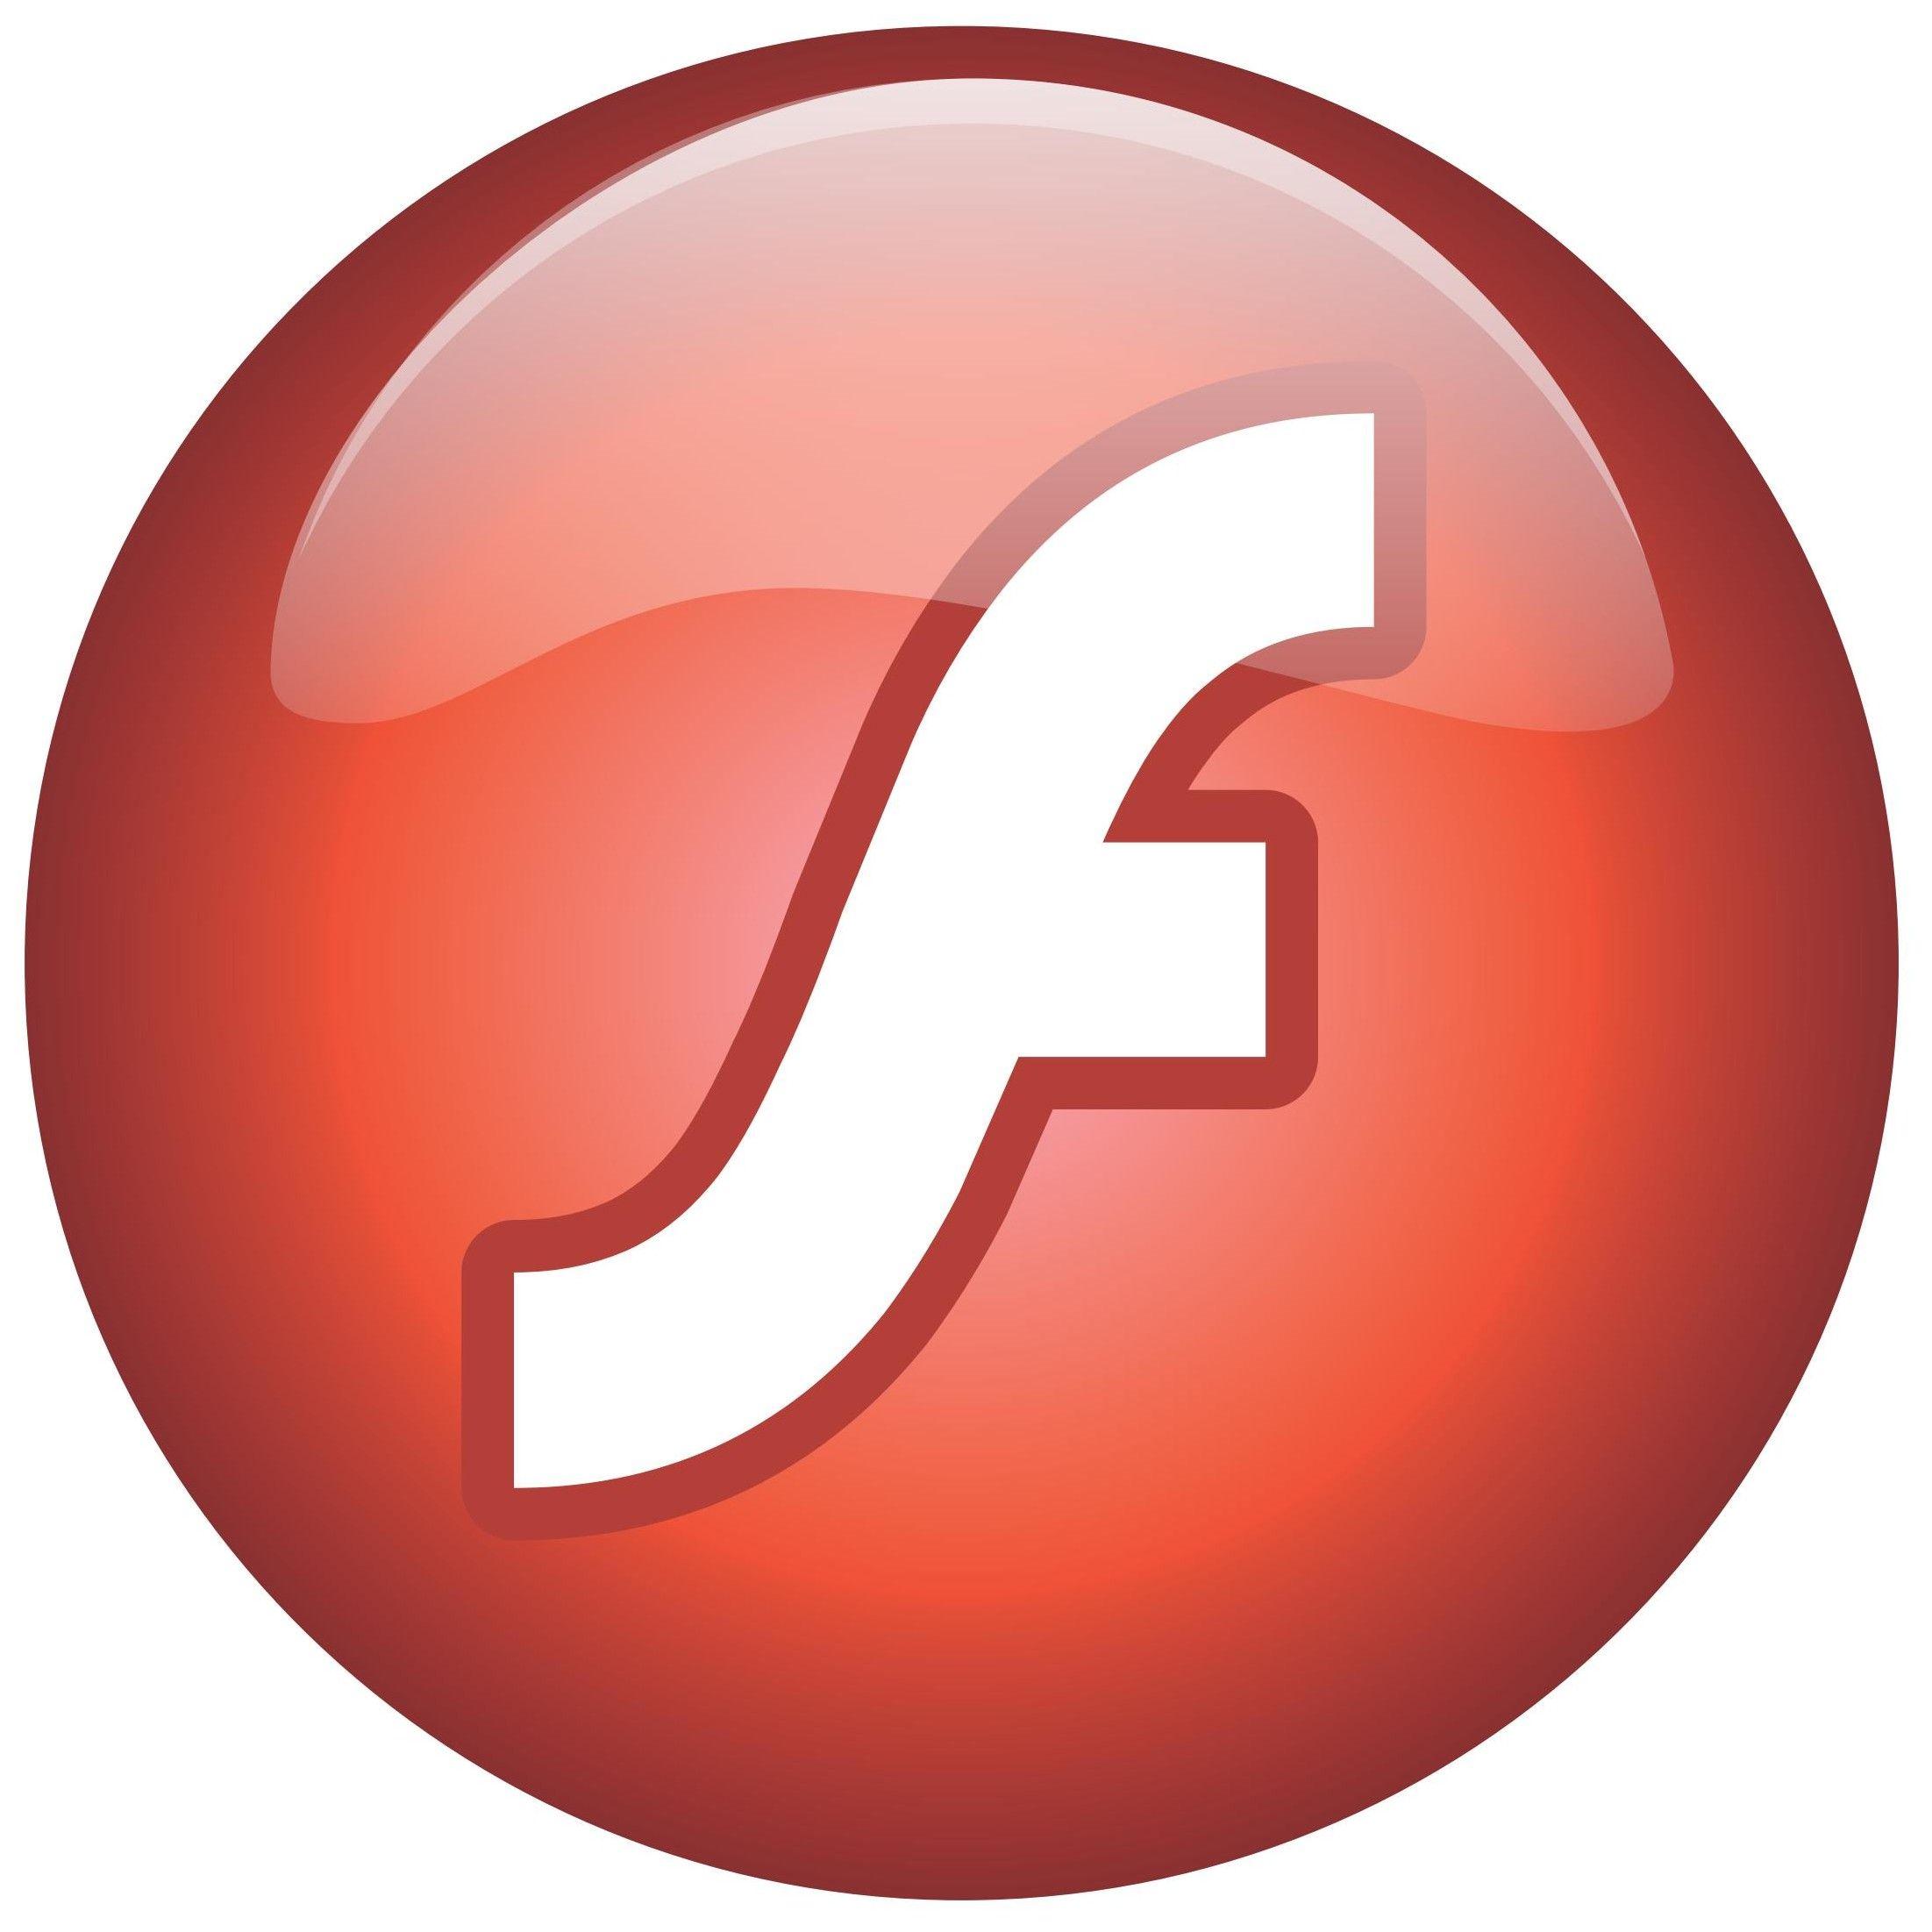 Adobe Flash Logo [EPS File] adobe, Adobe Flash, Adobe